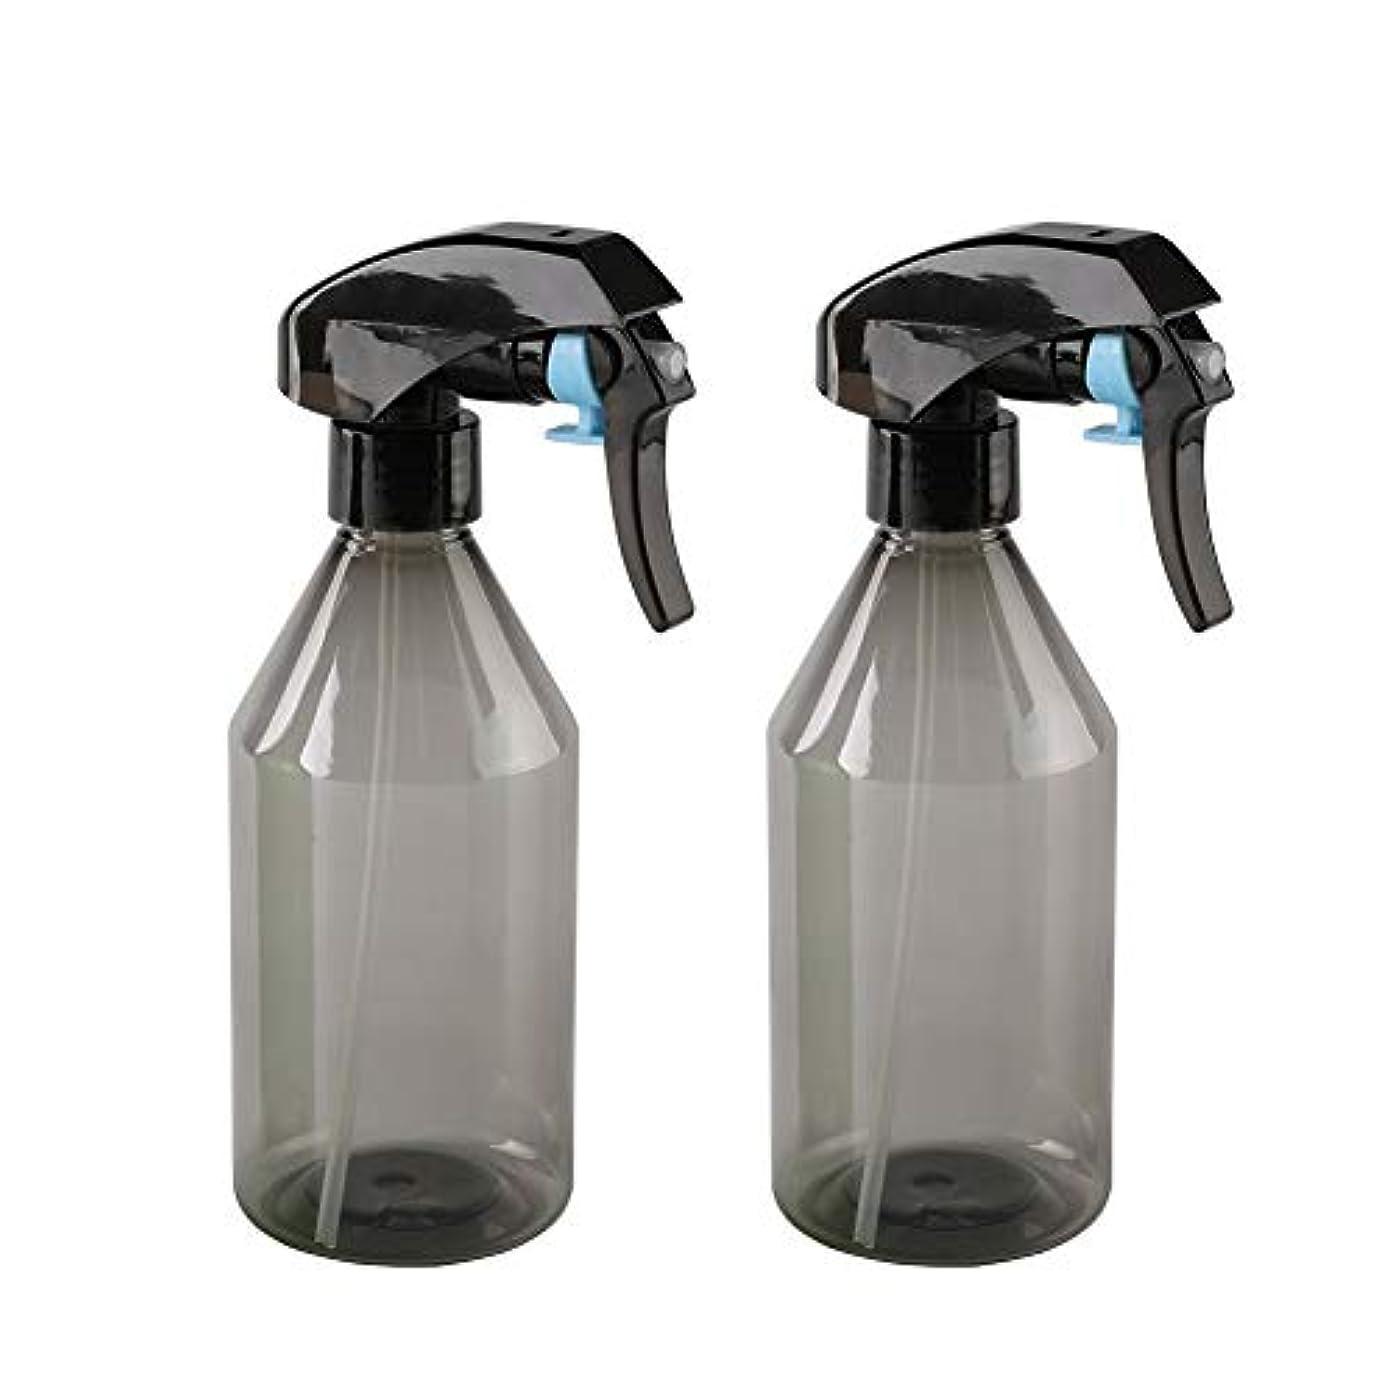 挽くチェリー評議会プラスチックエアスプレーボトル|超微細スプレー 詰め替え式スプレー容器 - 掃除、植物、ヘアー用 300ml*2個 (グレイ)